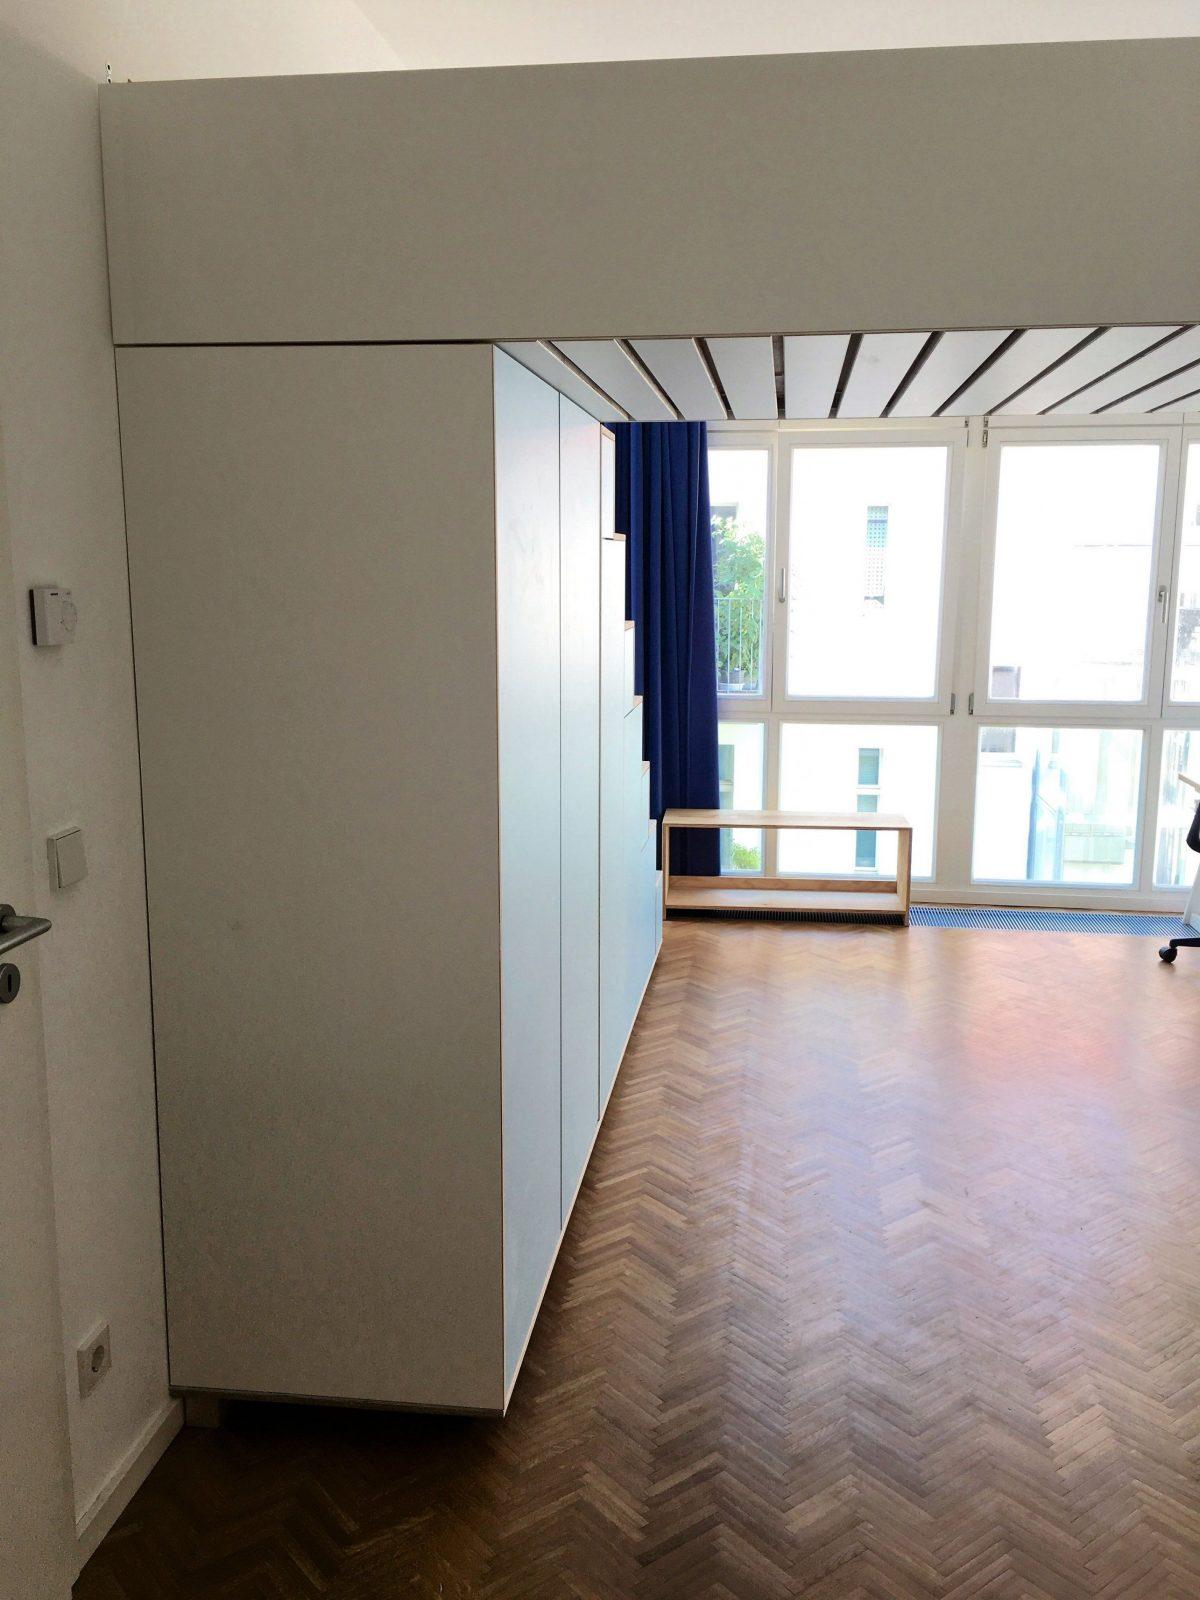 Elegant Hochbett Treppe Einzigartig Hochbett Mit Regal Treppe Finest von Hochbett Mit Regal Treppe Bild